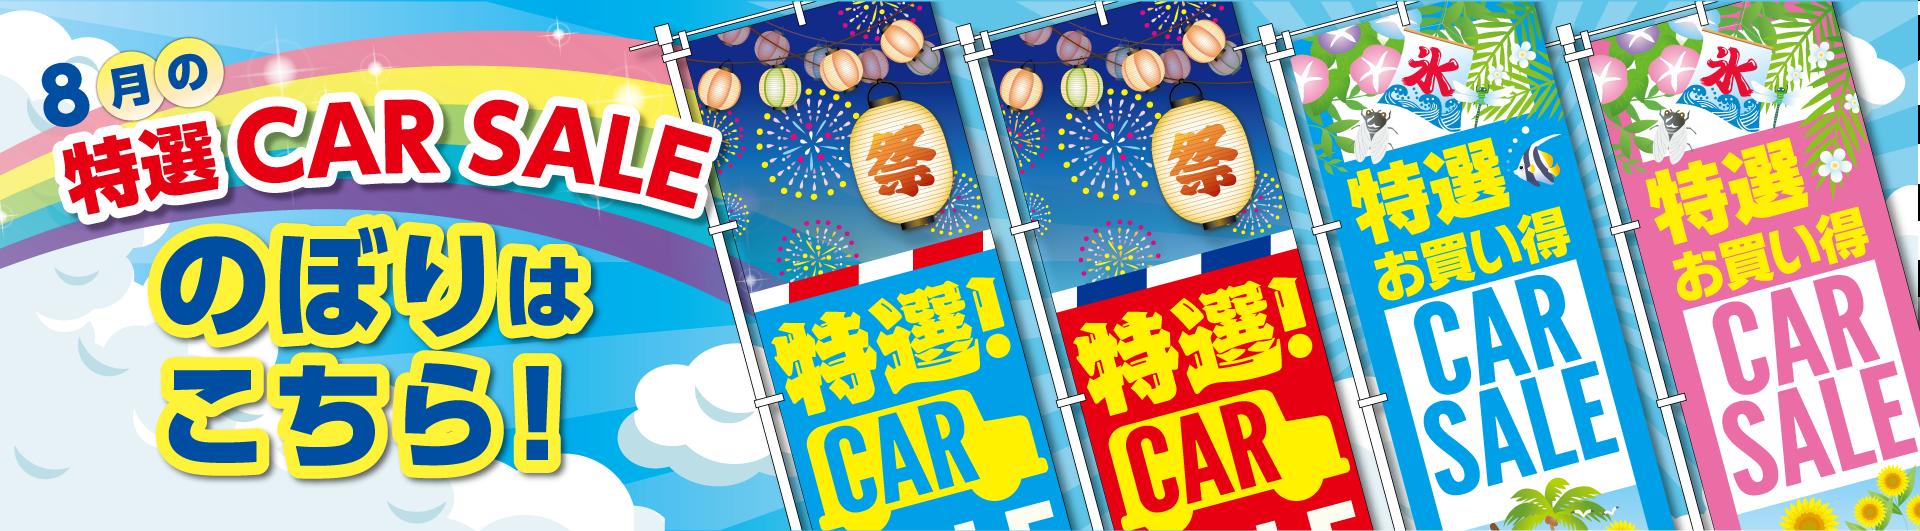 8月の特選CARお買い得SALEのぼり登場!